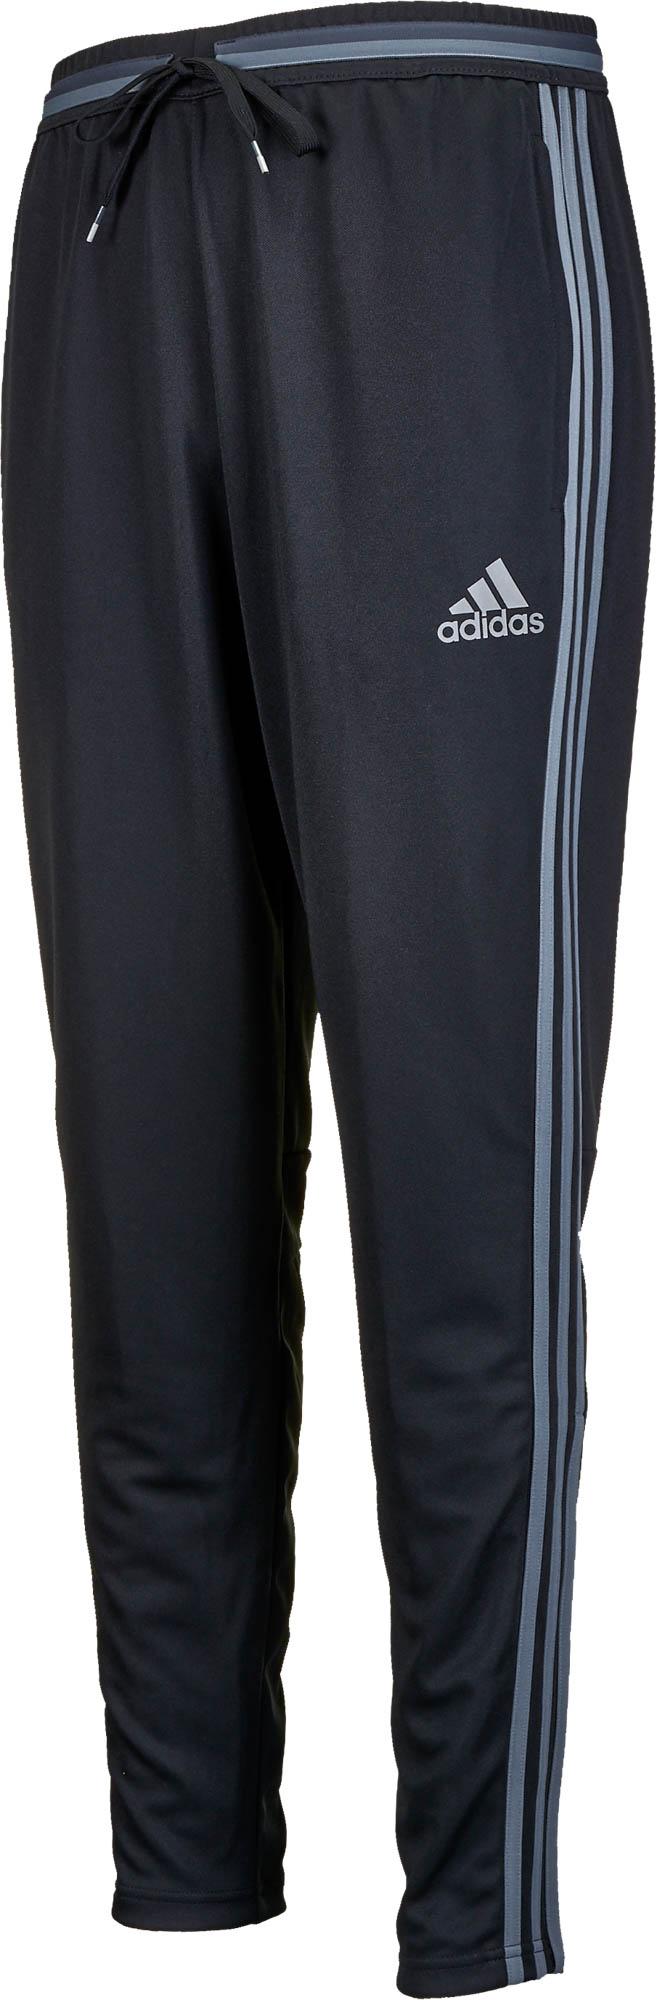 adidas Condivo 16 Training Pant BlackVista Grey